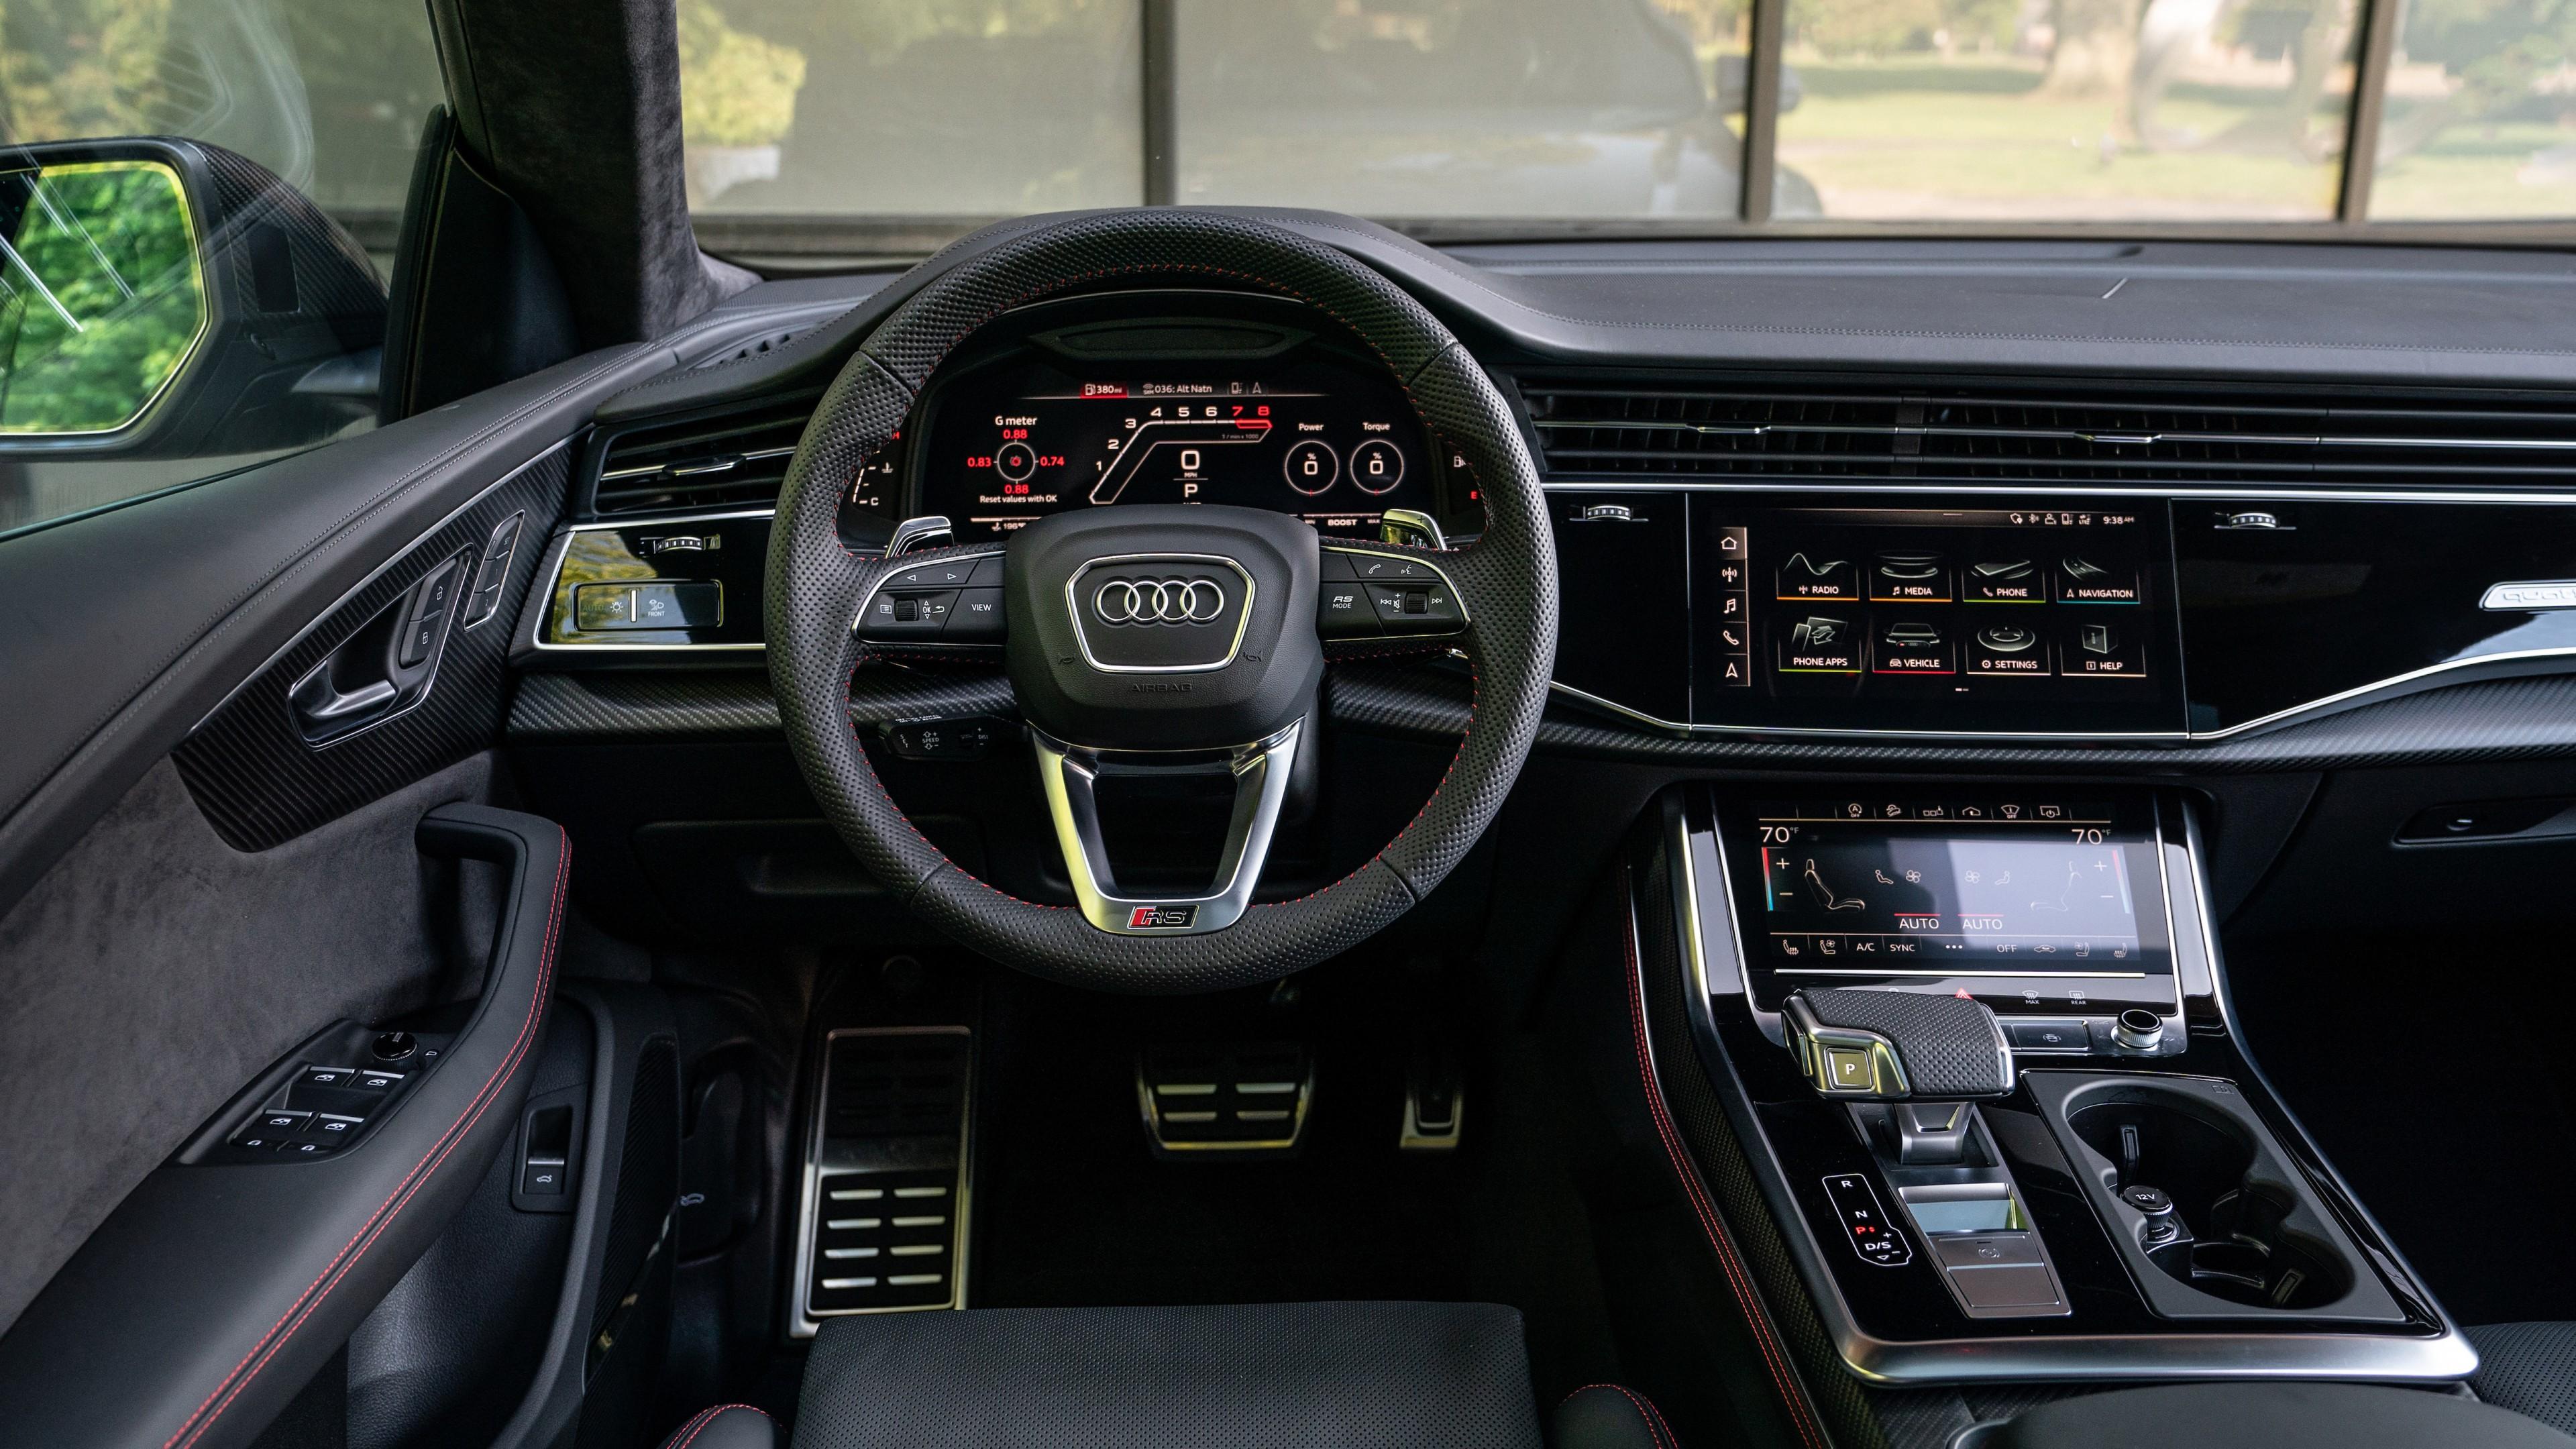 2021 Audi Rs Q8 5k Interior Wallpaper Hd Car Wallpapers Id 16110 Audi rs q8 2020 4k interior wallpaper